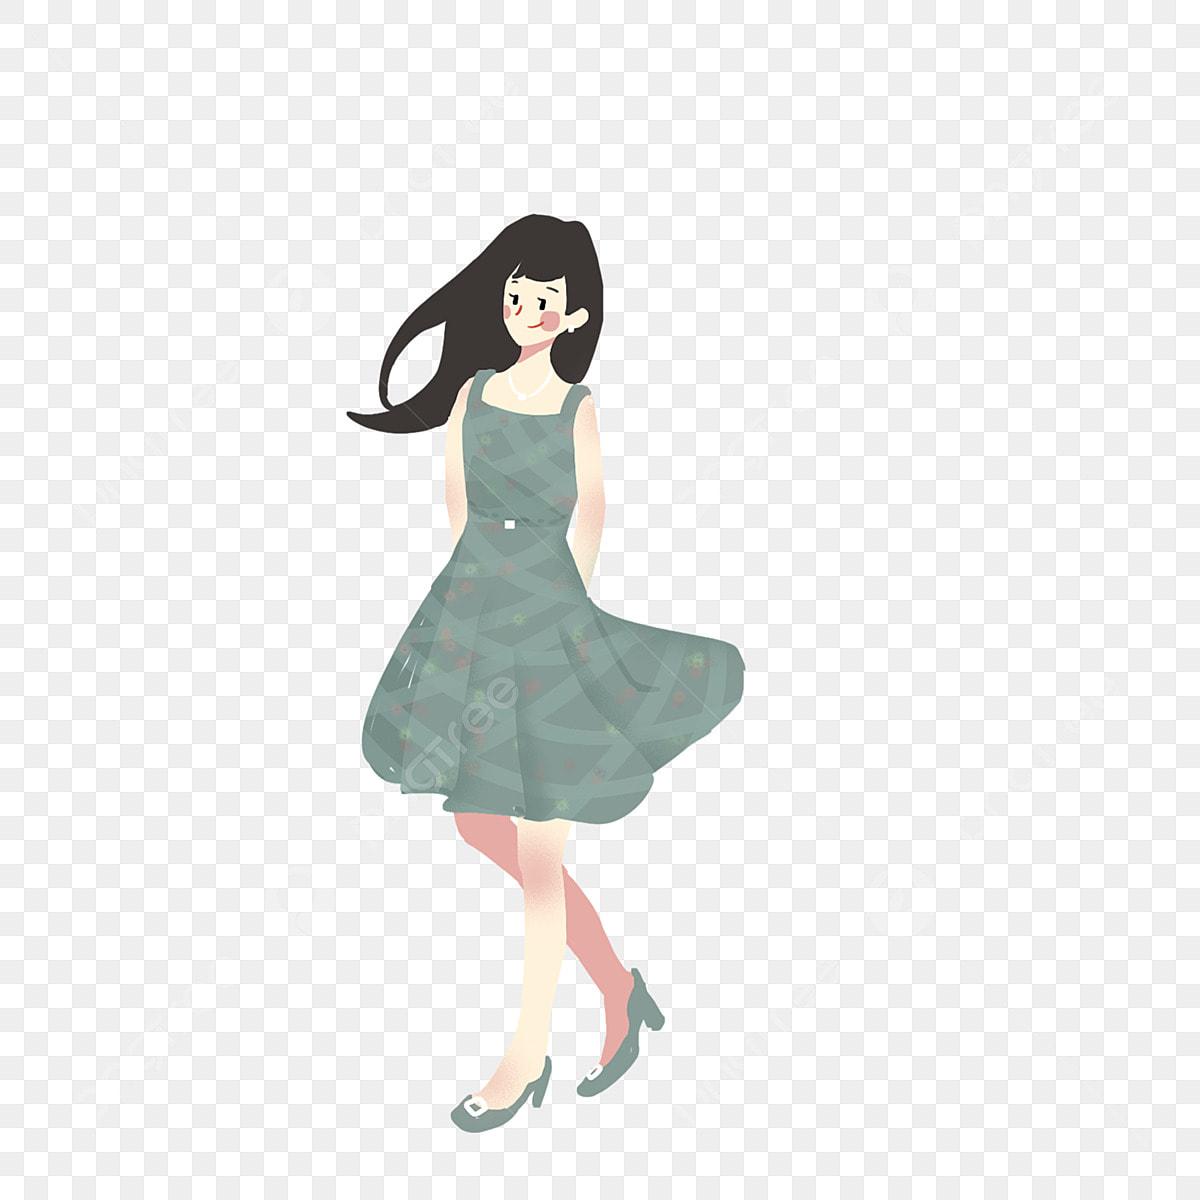 少女 夏の文字 ロングスカートの少女 漫画イラスト 漫画ロング